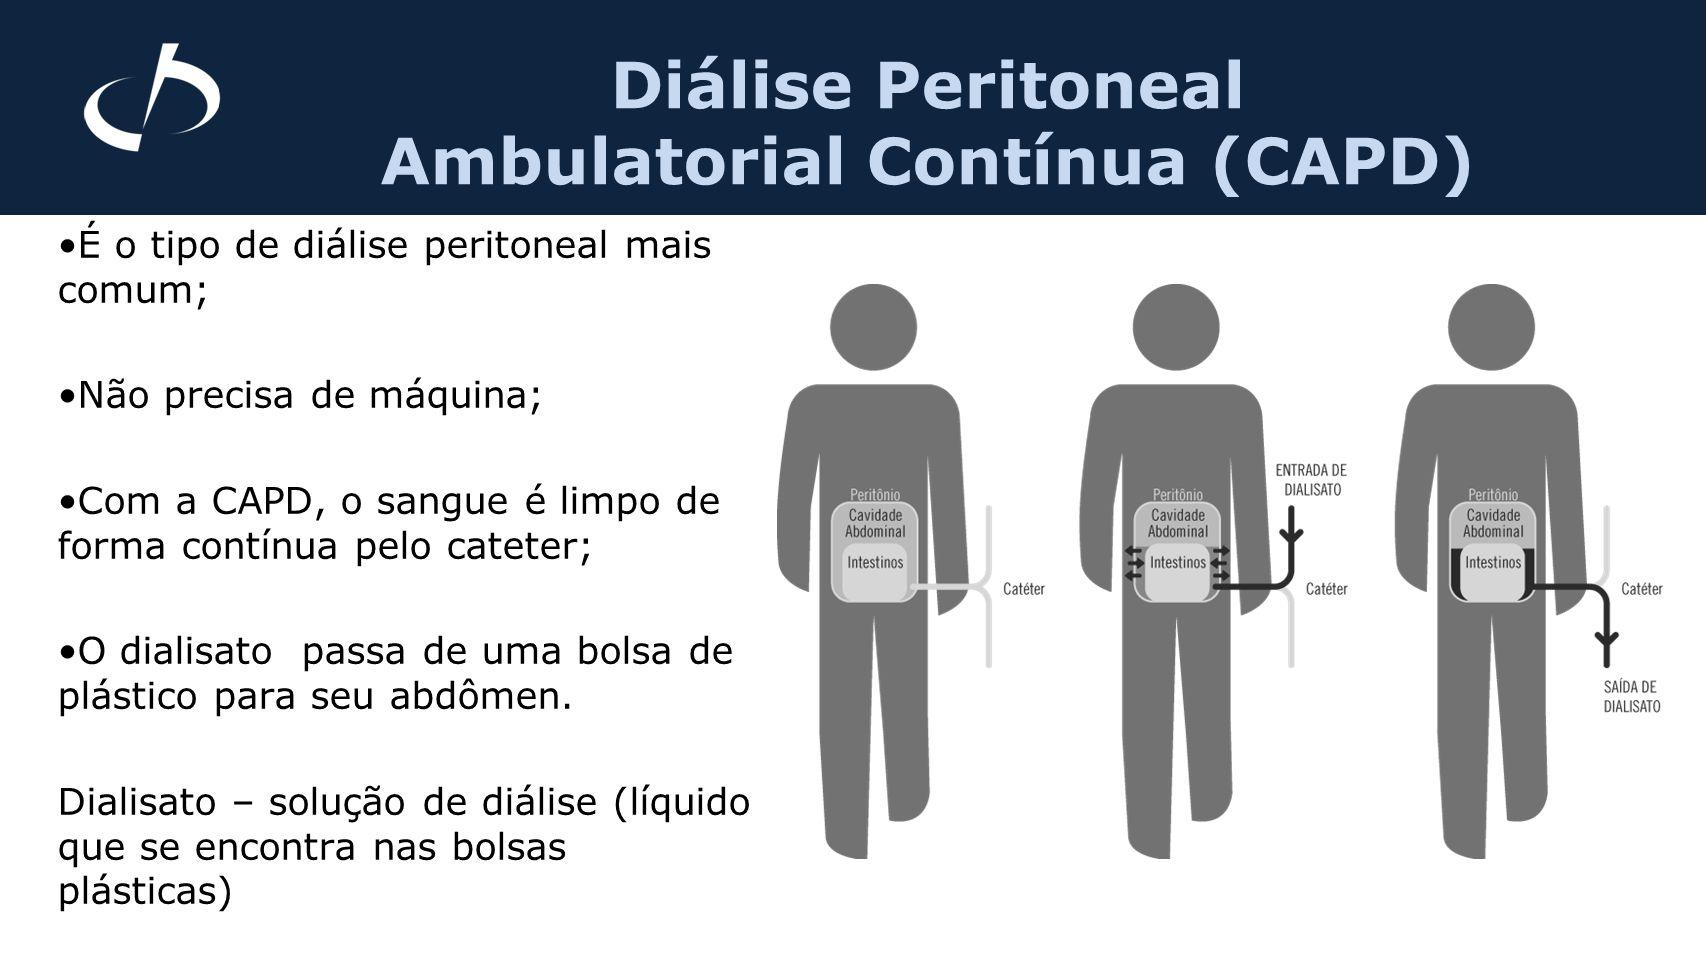 O sistema de troca de bolsas de CAPD utiliza um equipo em Y, conectado a 2 bolsas plásticas, uma vazia e outra contendo a solução de diálise.